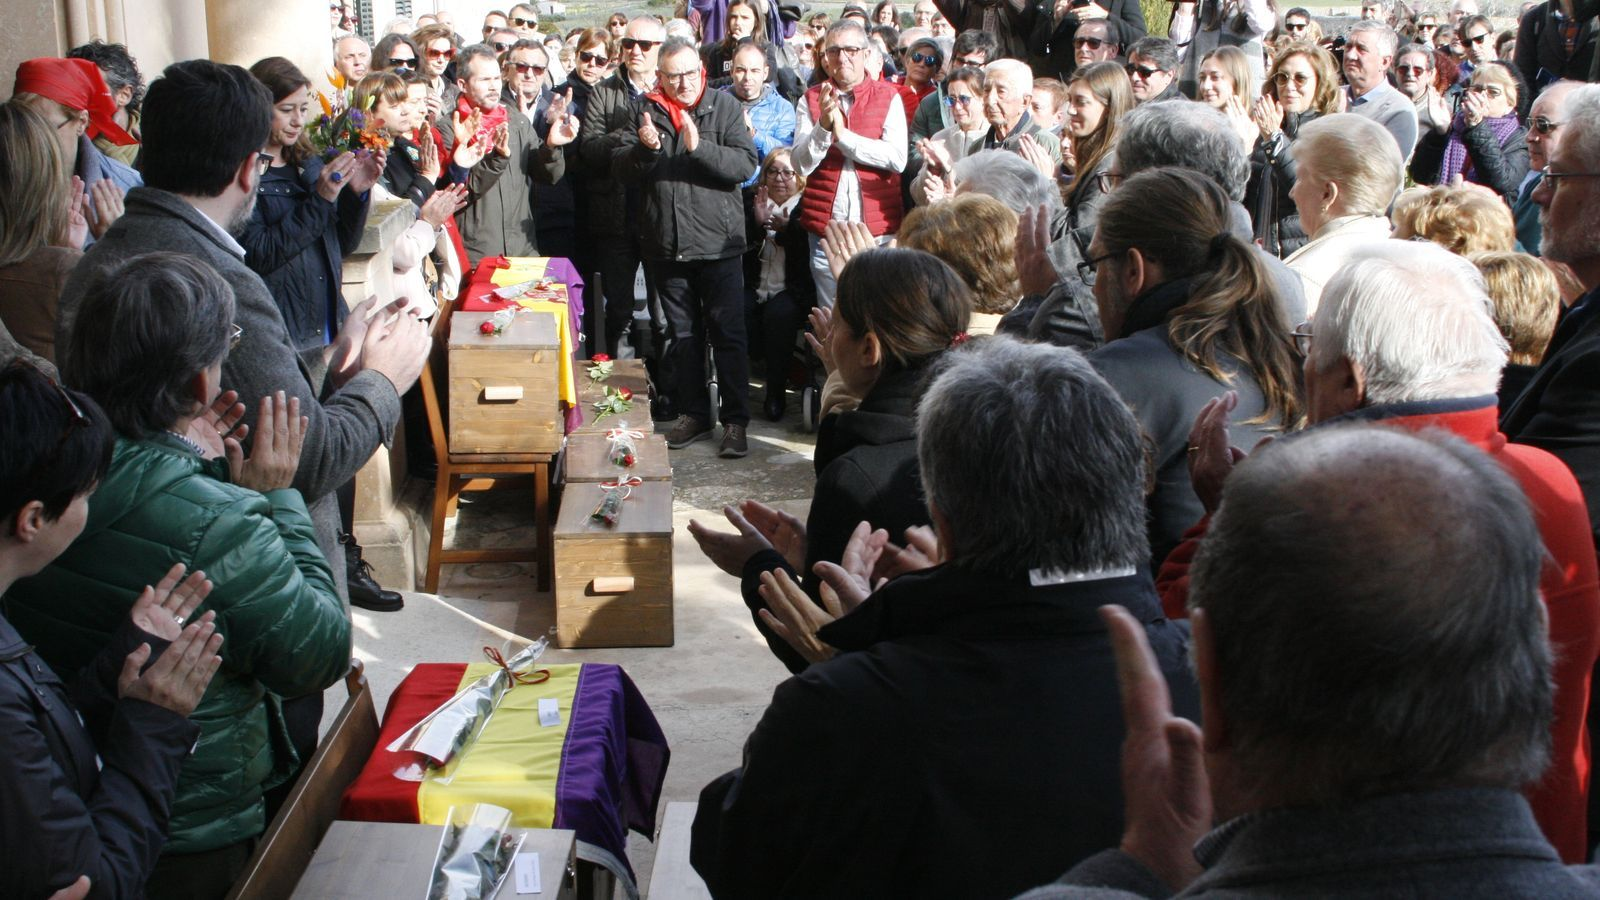 Els petits fèretres amb les restes, exposats davant el cementeri, enmig de l'esclat d'aplaudiments d'una multitud que ha assistit a l'acte.